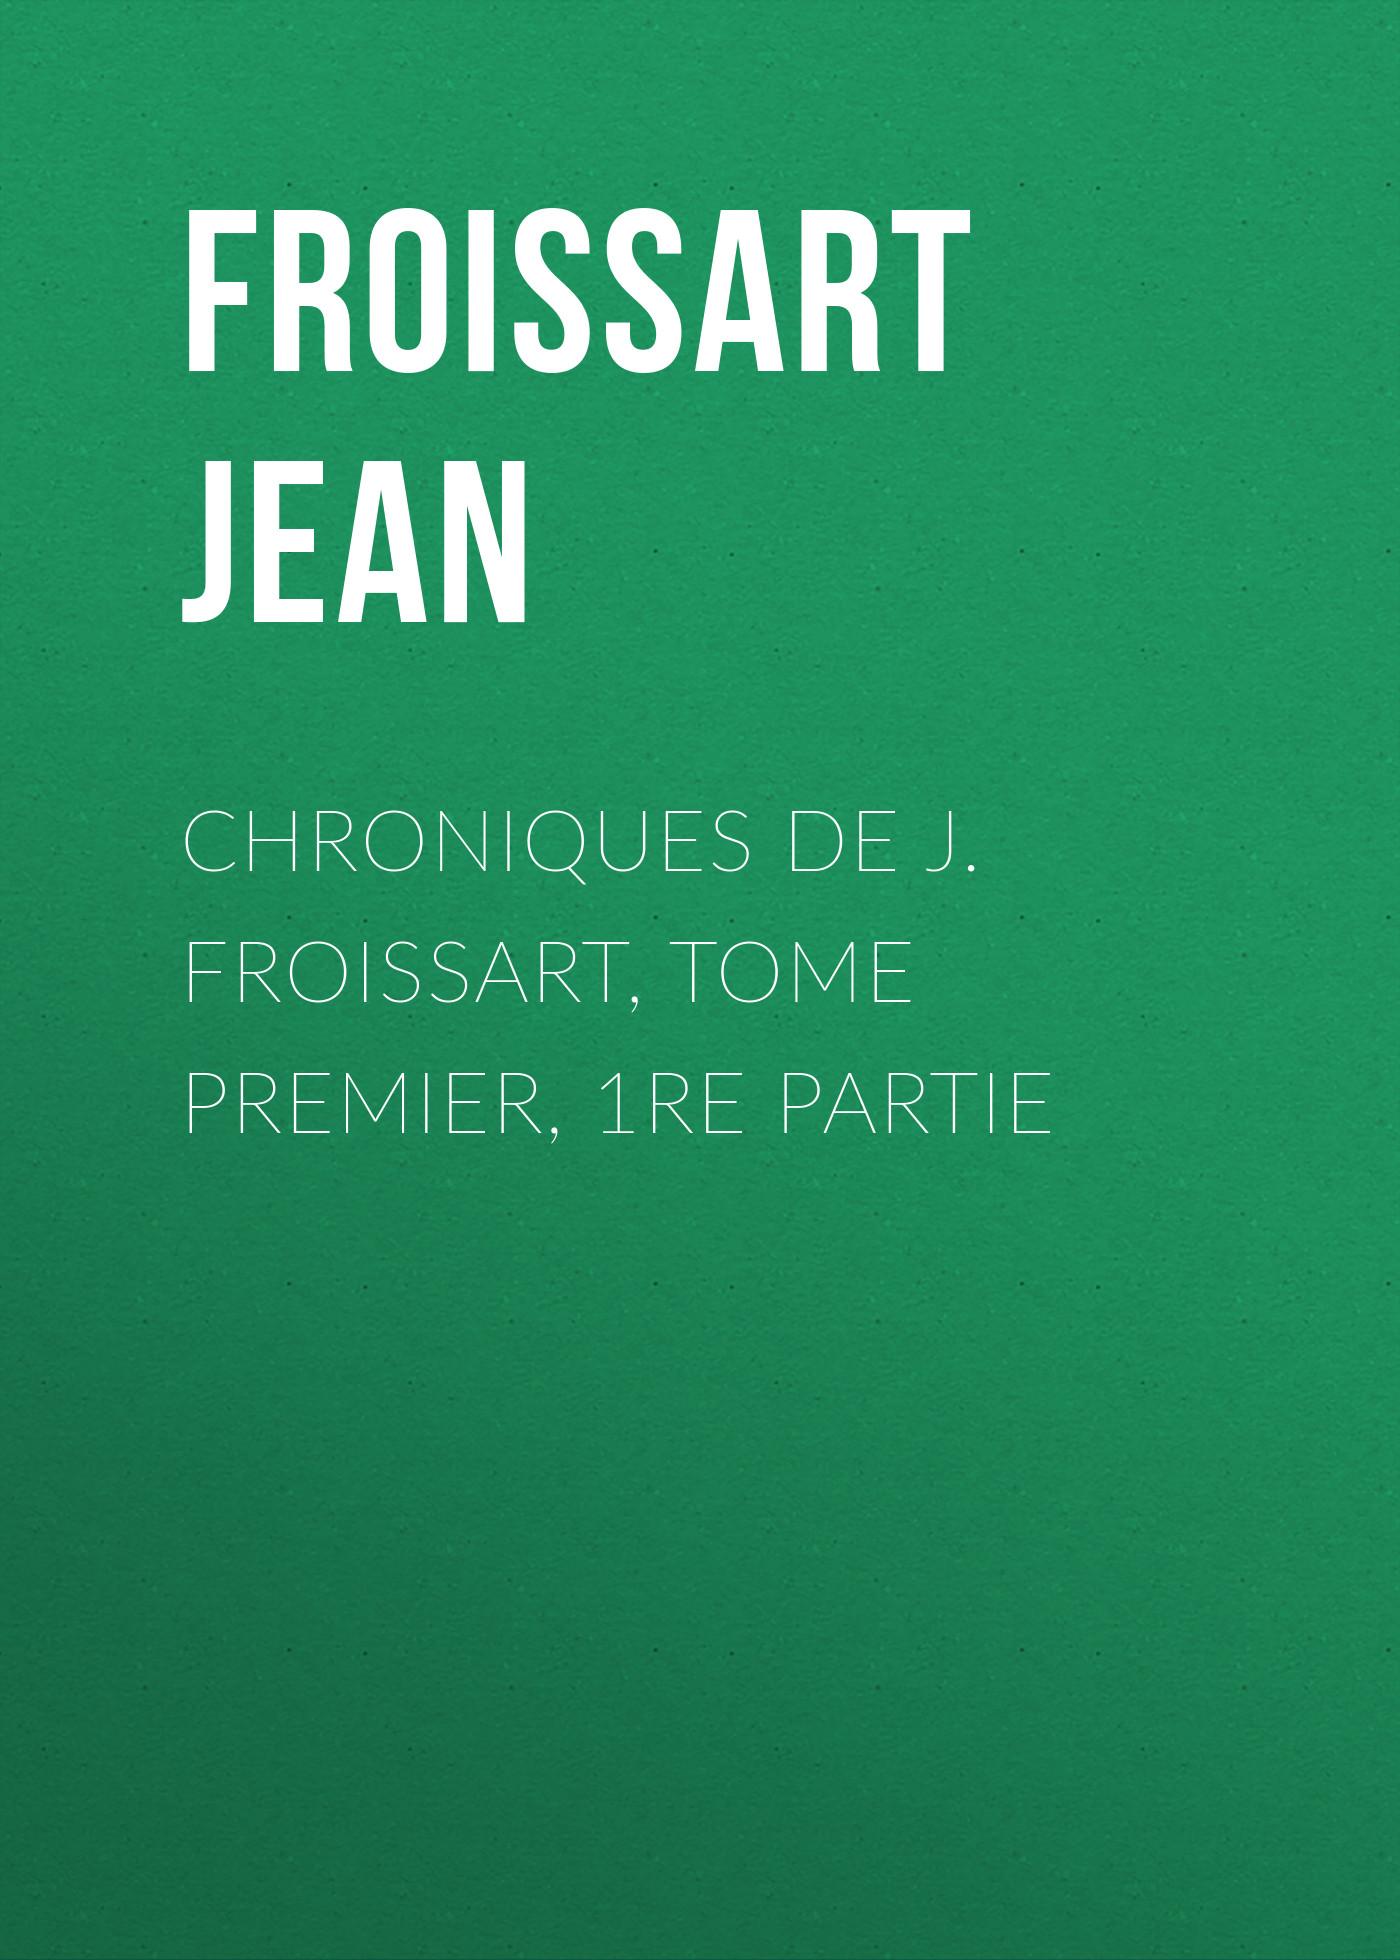 Chroniques de J. Froissart, Tome Premier, 1re partie